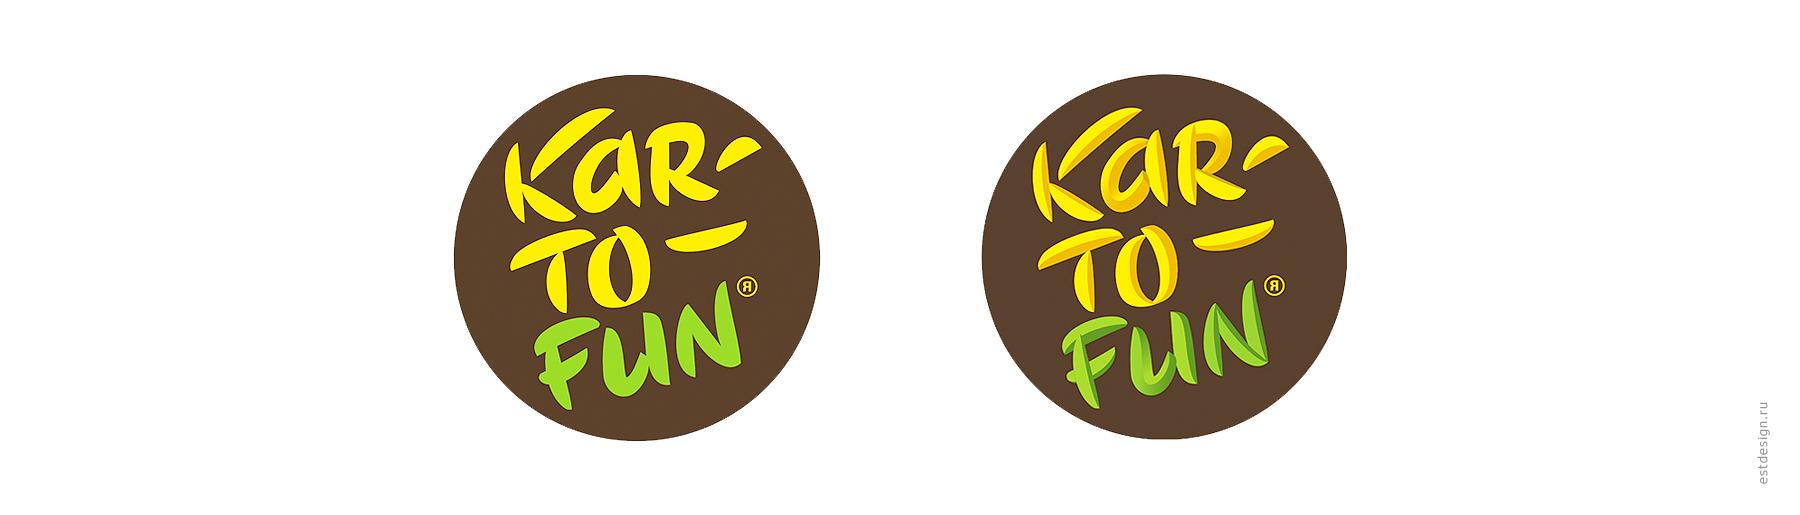 Kartofun logo